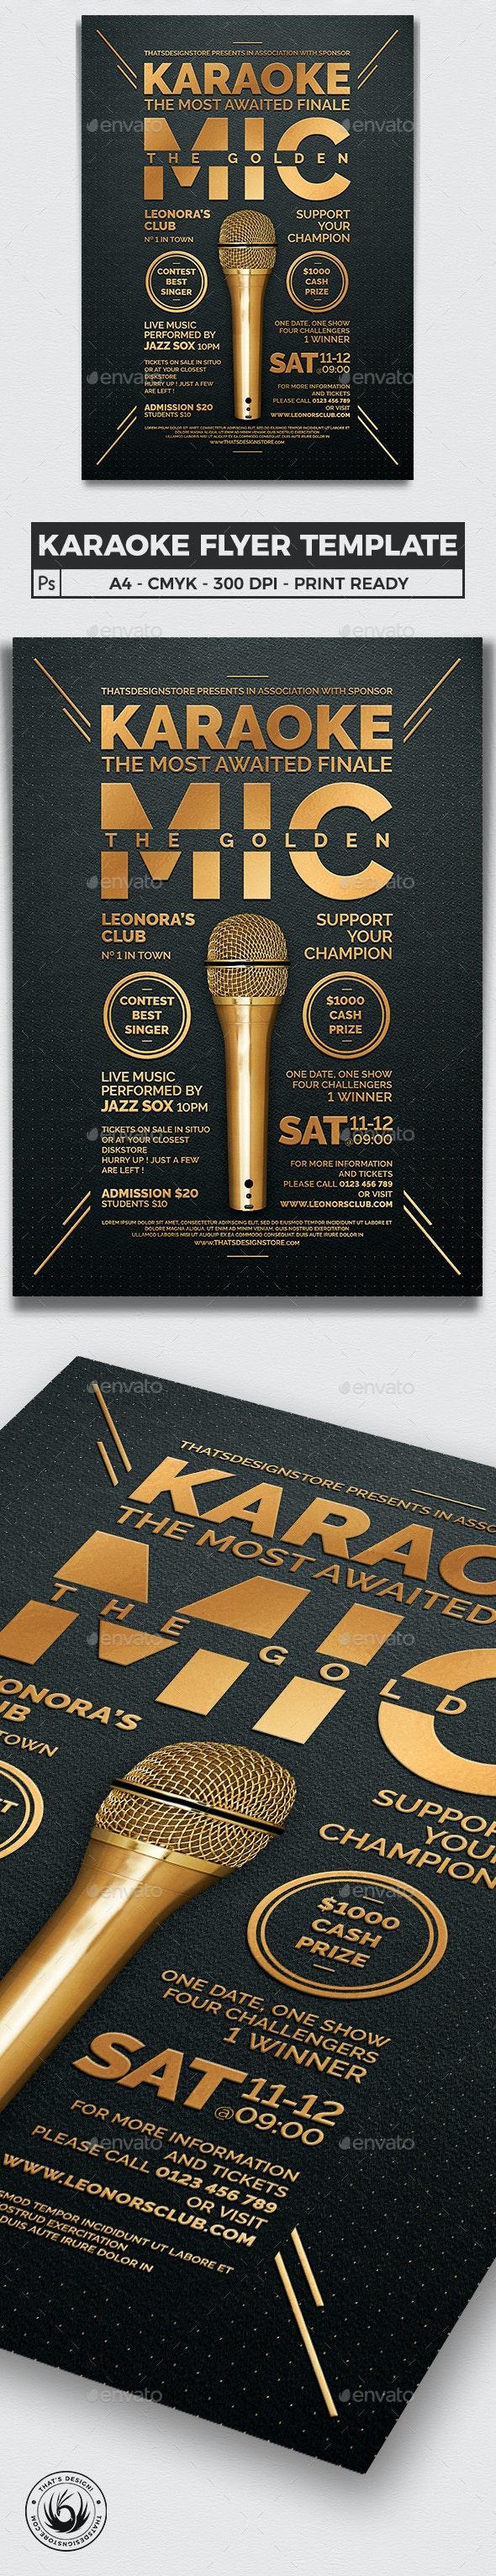 Karaoke Flyer Template V8 - Concerts Events